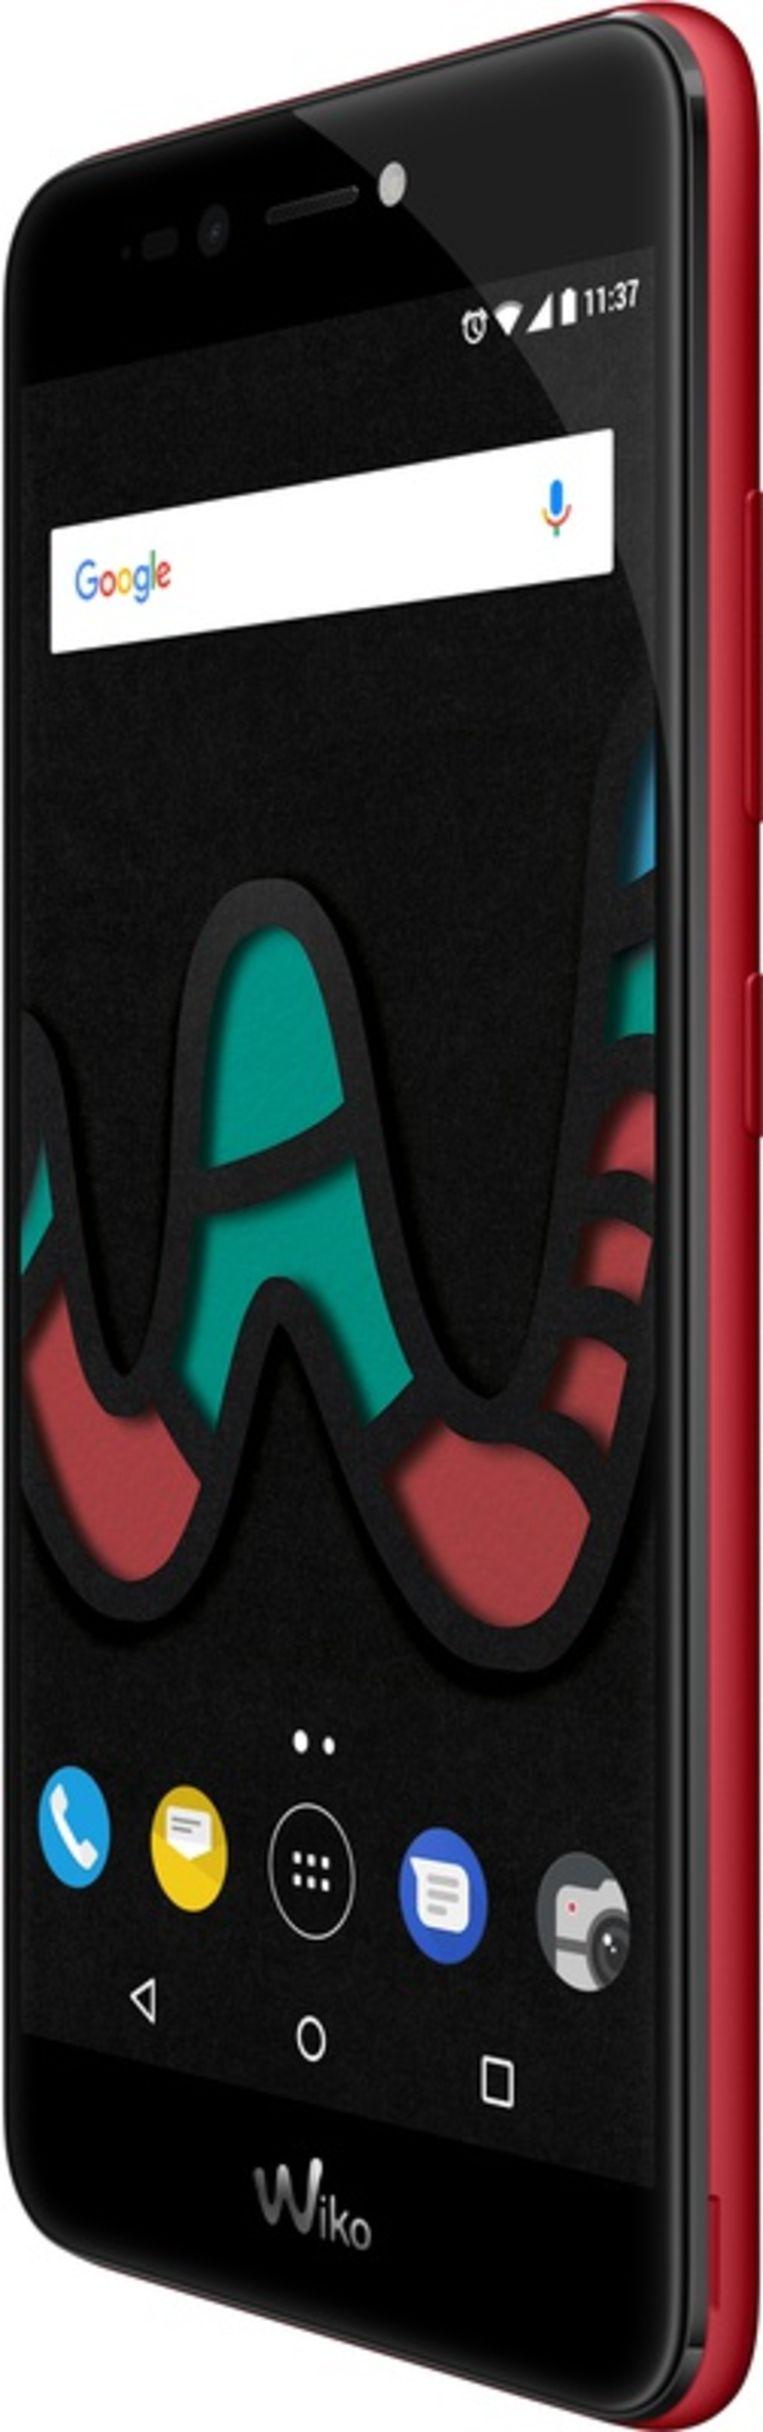 De Wiko Upulse-smartphone.